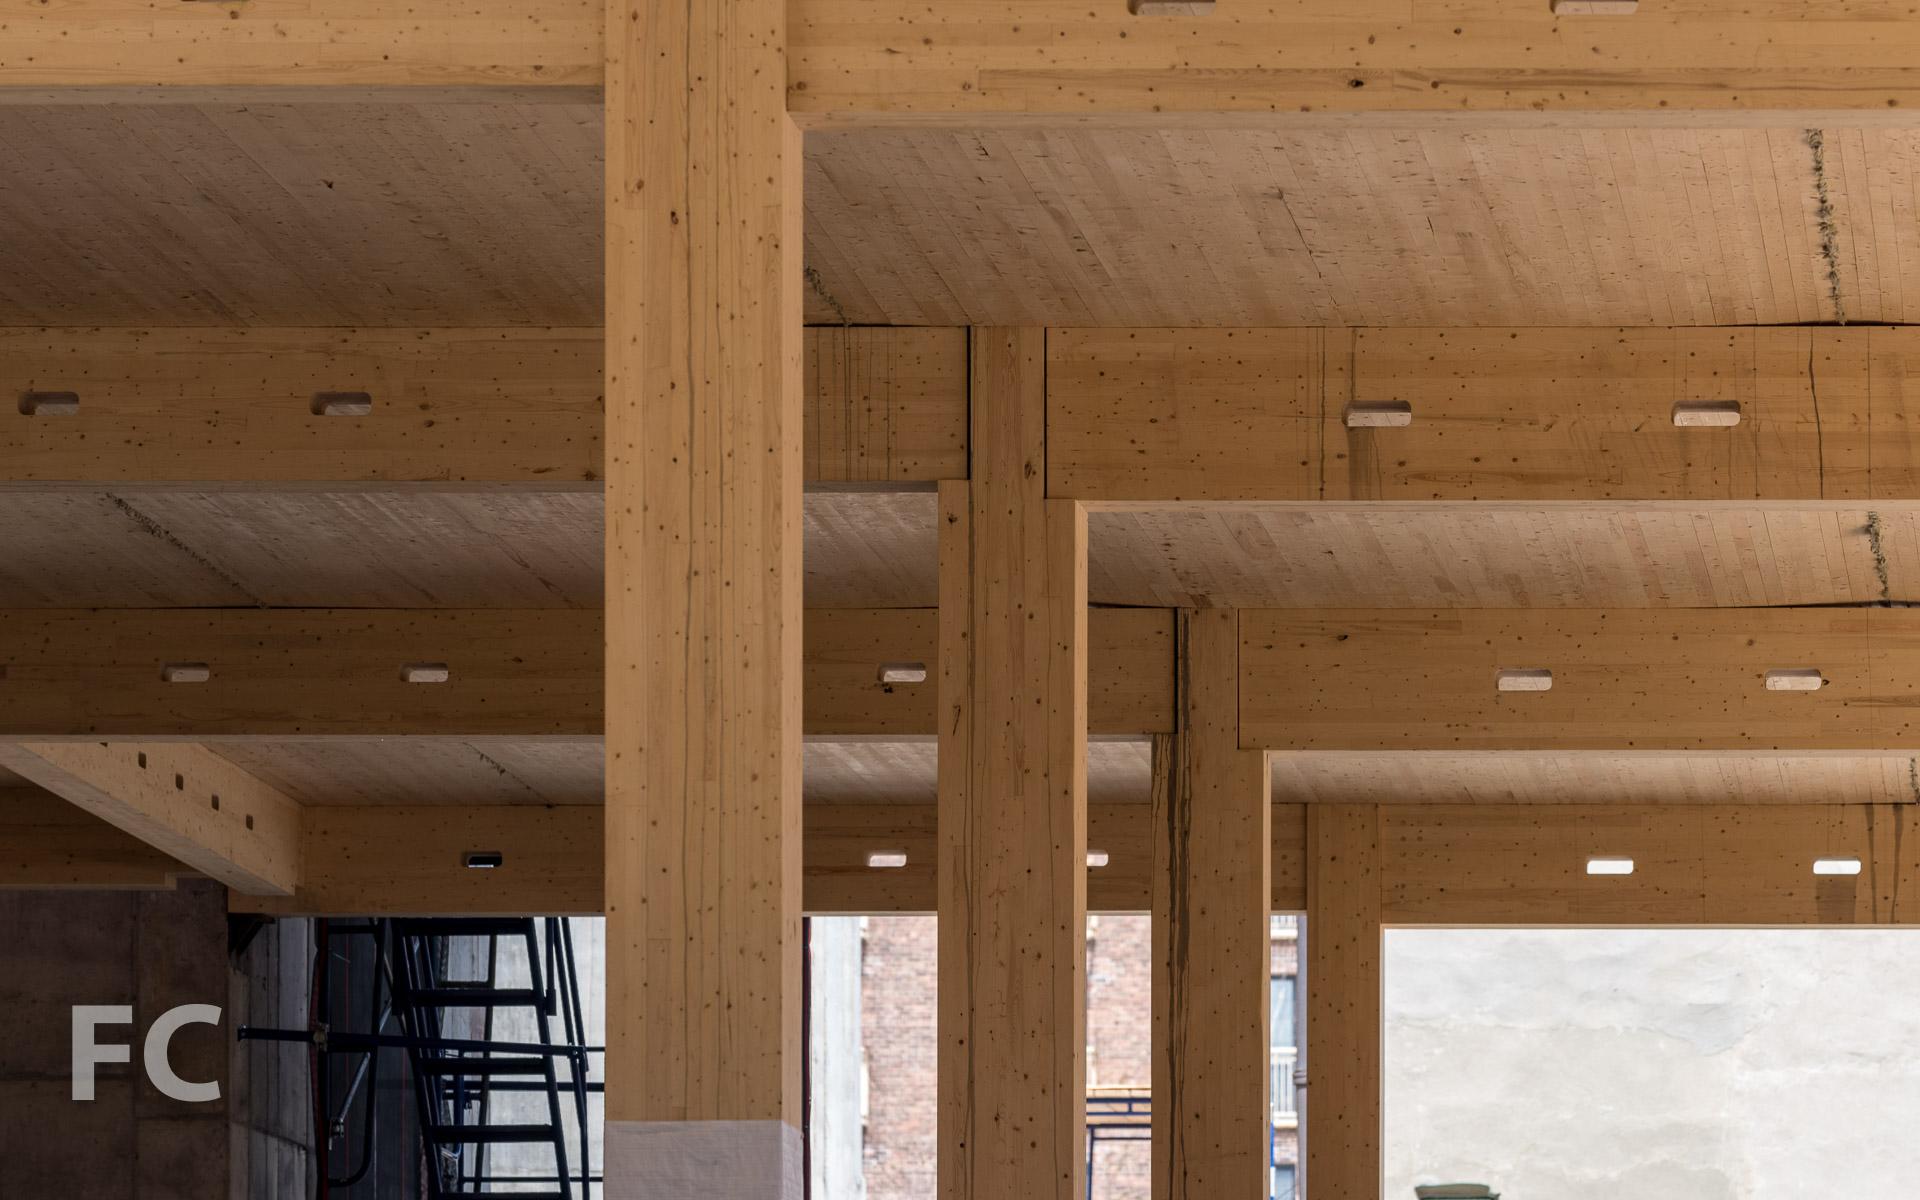 Ground floor beams.